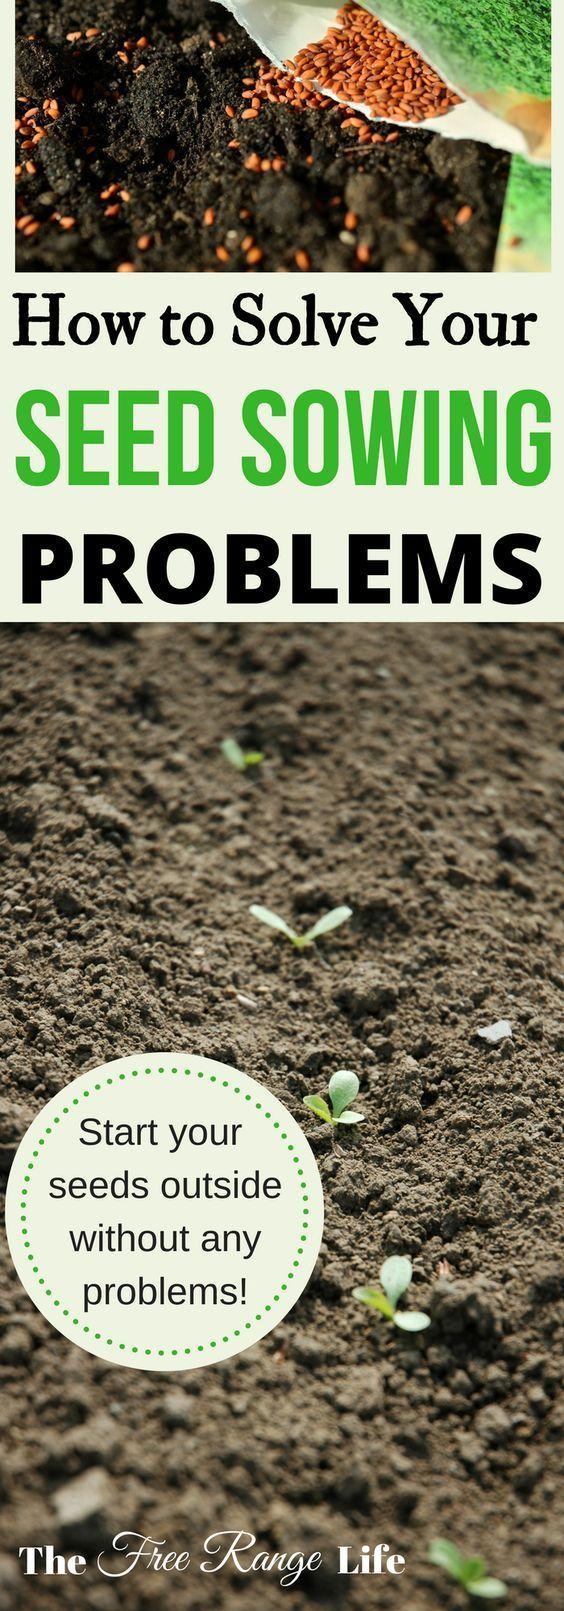 17 best Grandma\'s garden ideas images on Pinterest   Vegetable ...